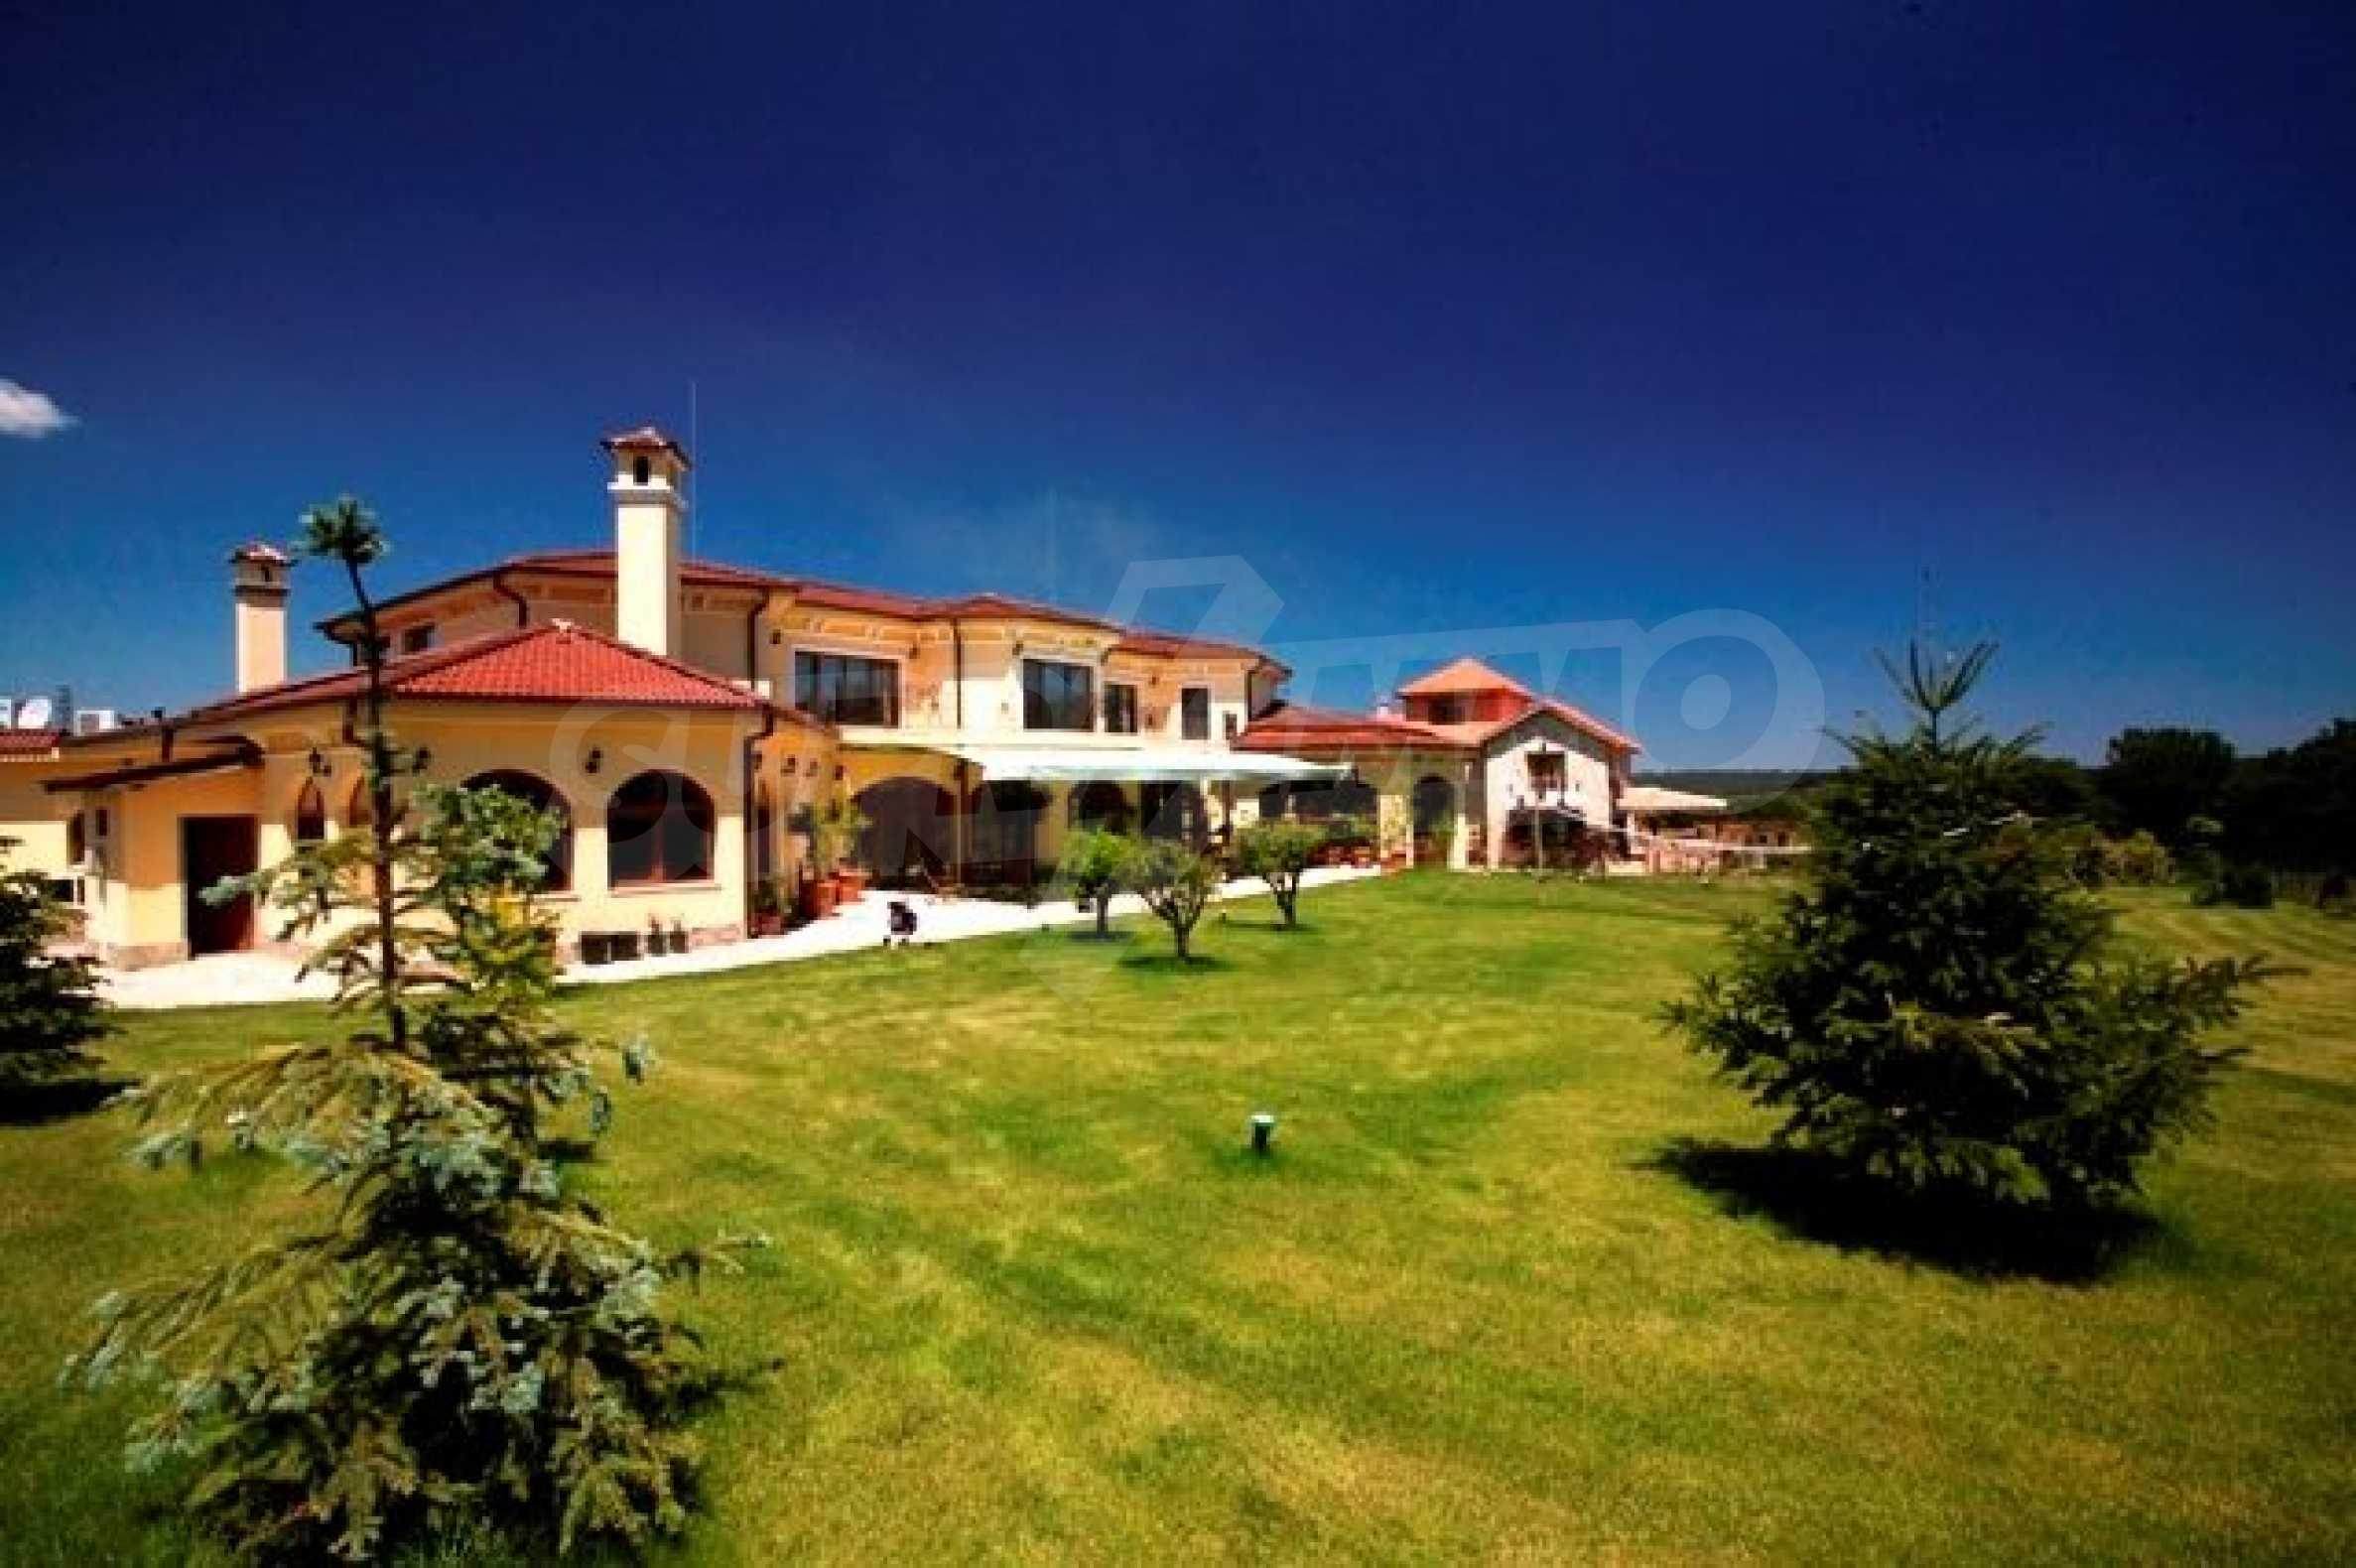 Великолепно имение с басейн и градина във френския стил прованс 23